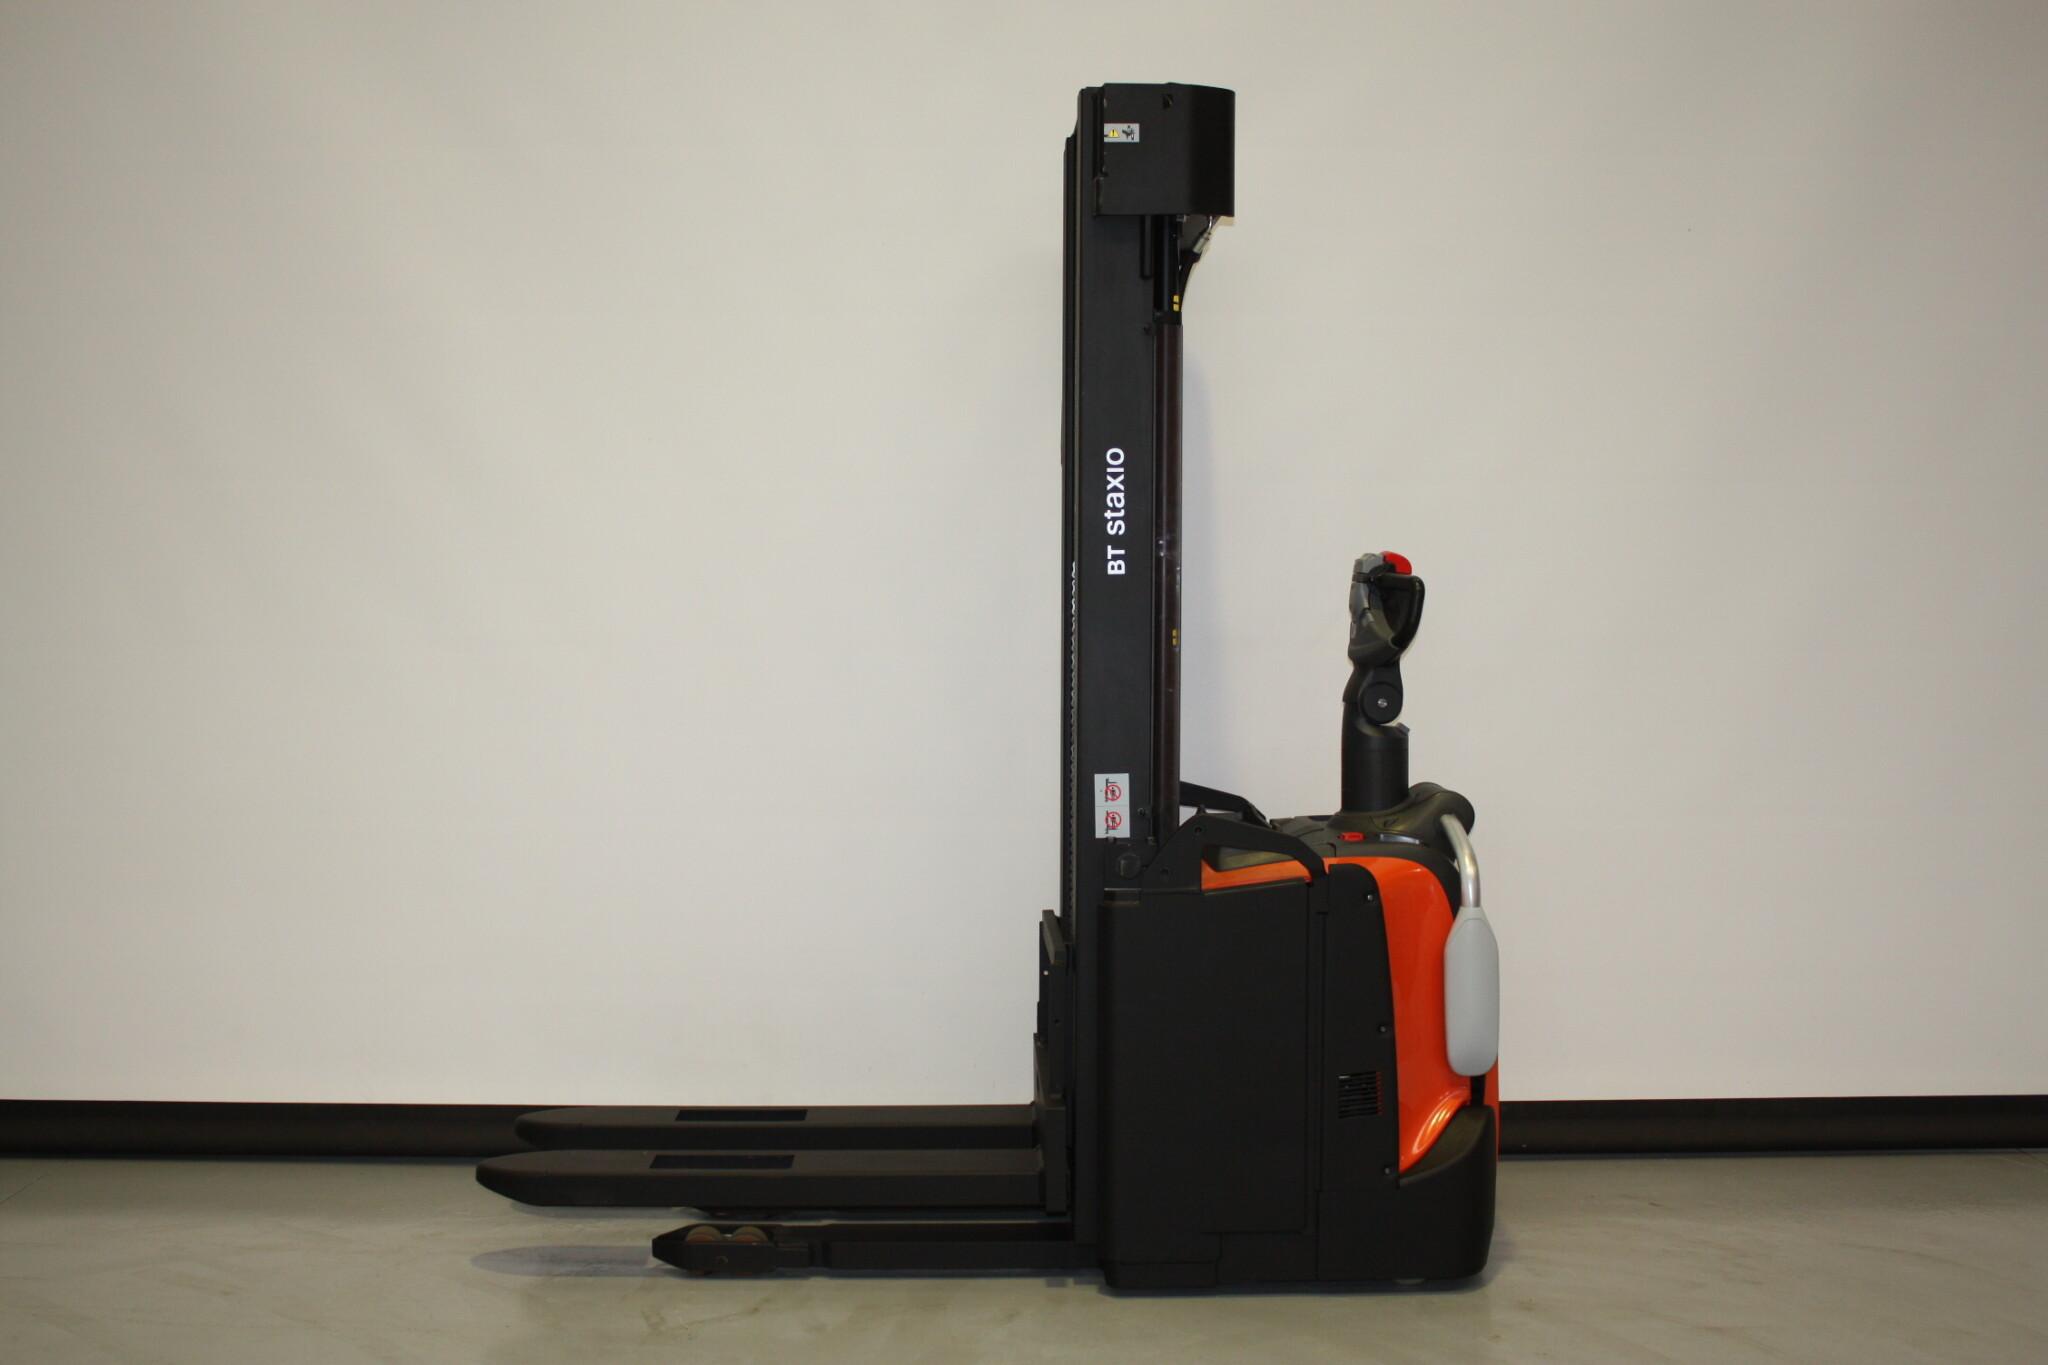 Toyota-Gabelstapler-59840 1901026451 1 scaled